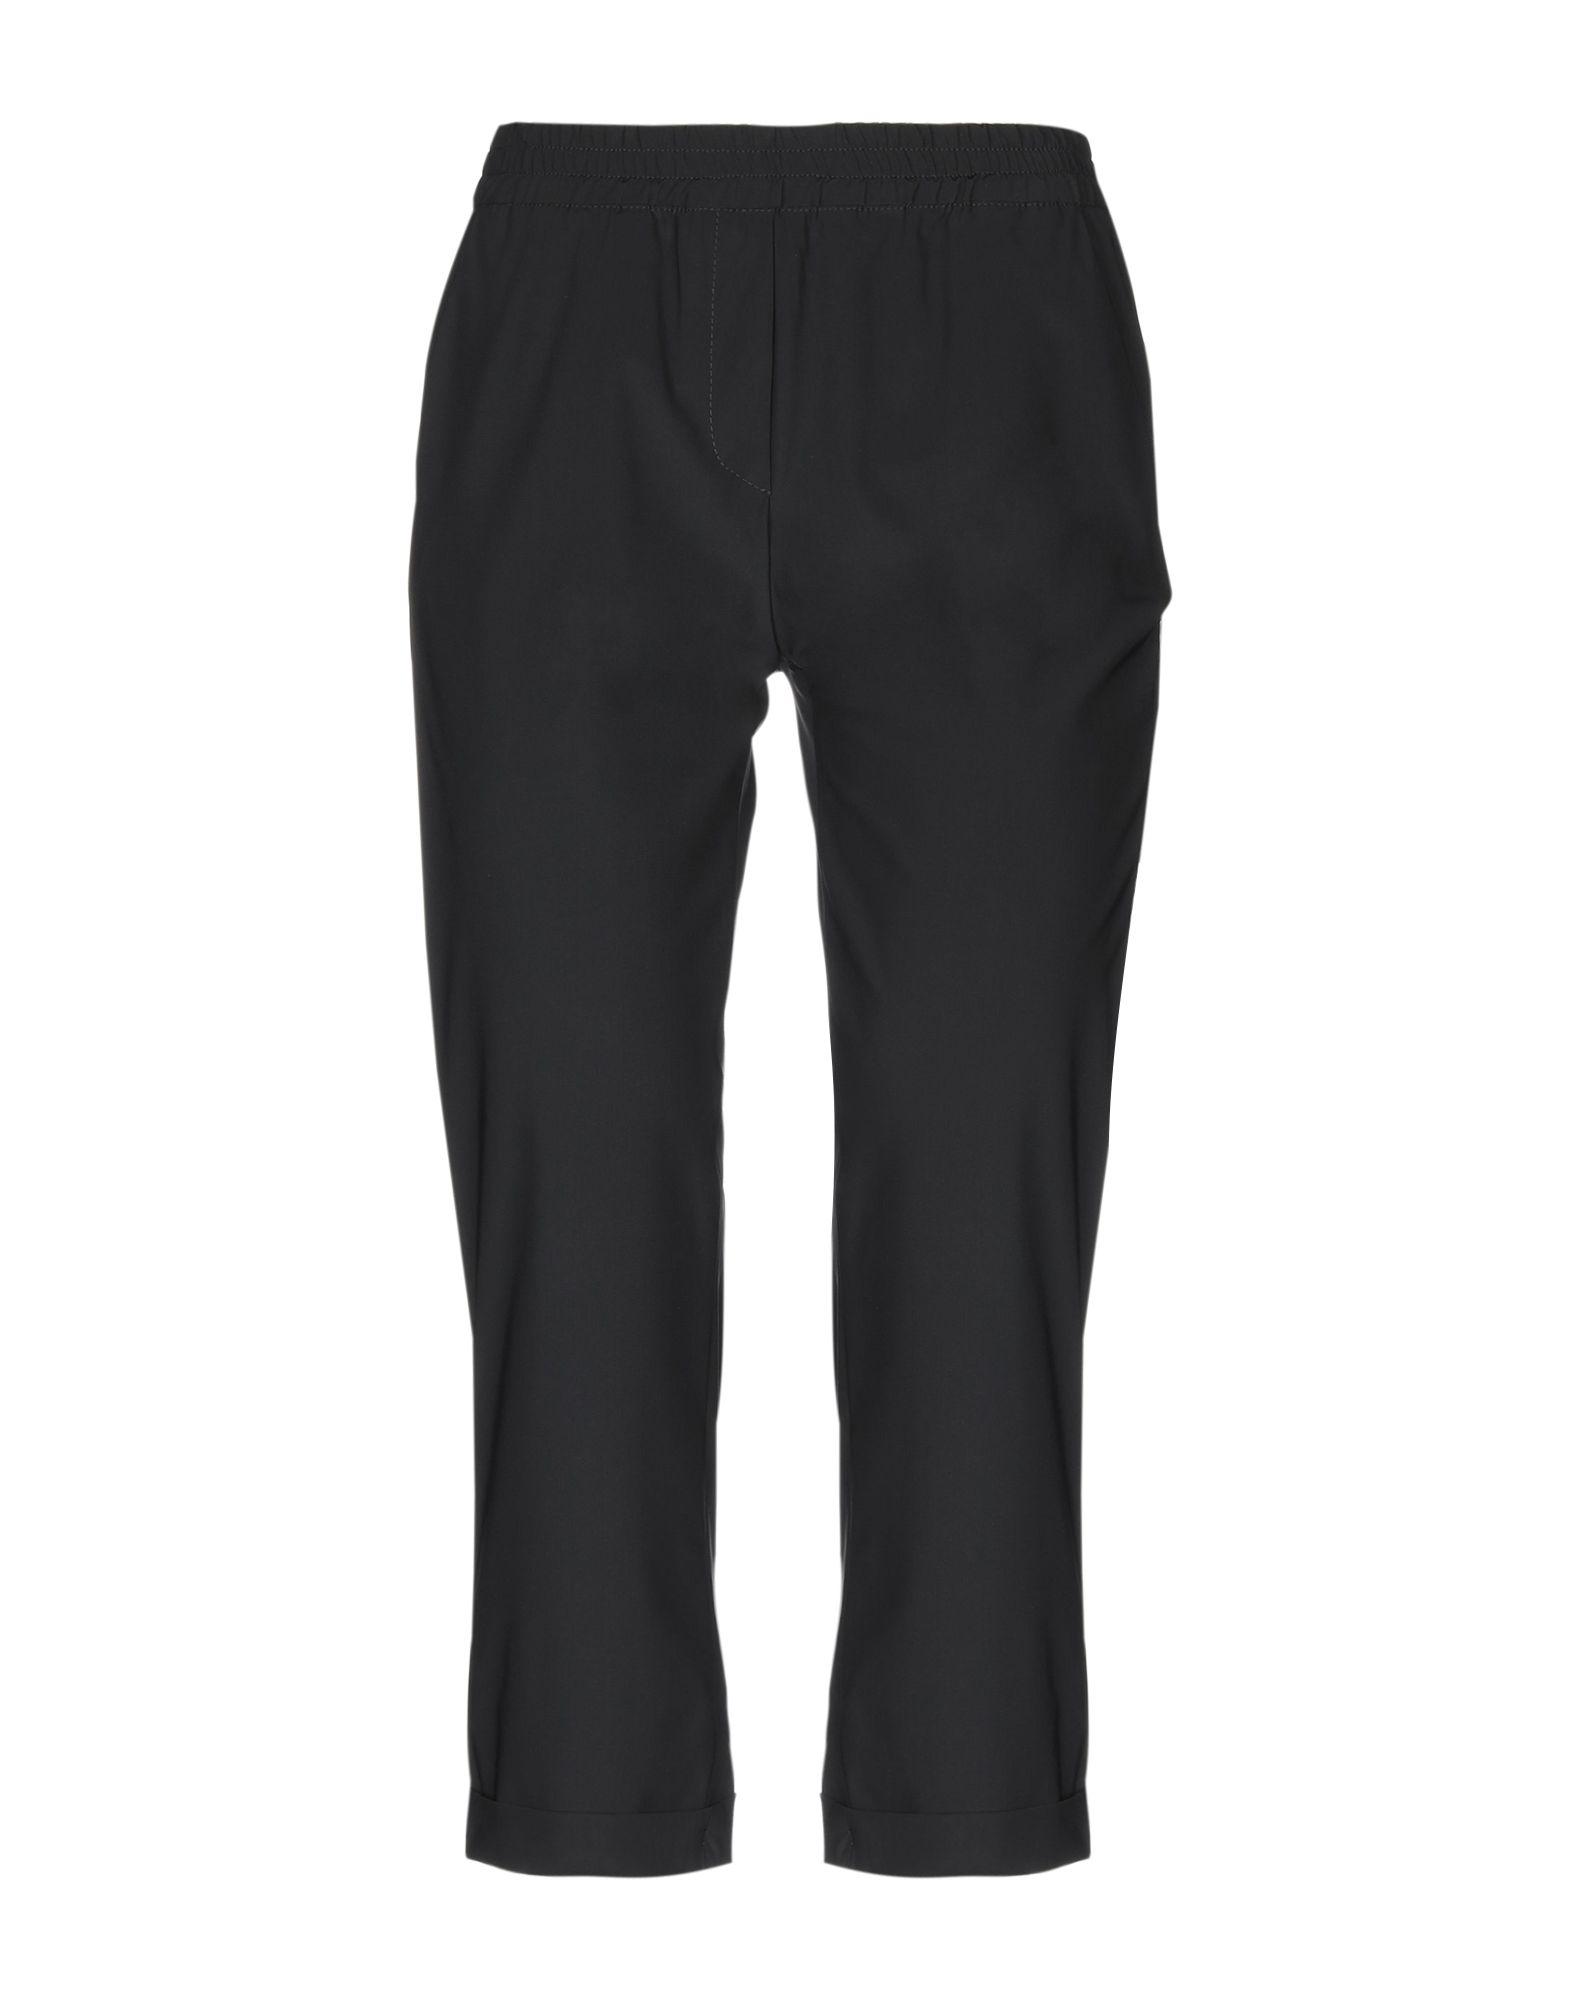 Pantalone Pantalone Taperosso Hydrogen donna - 13271739IC  Wir liefern das Beste